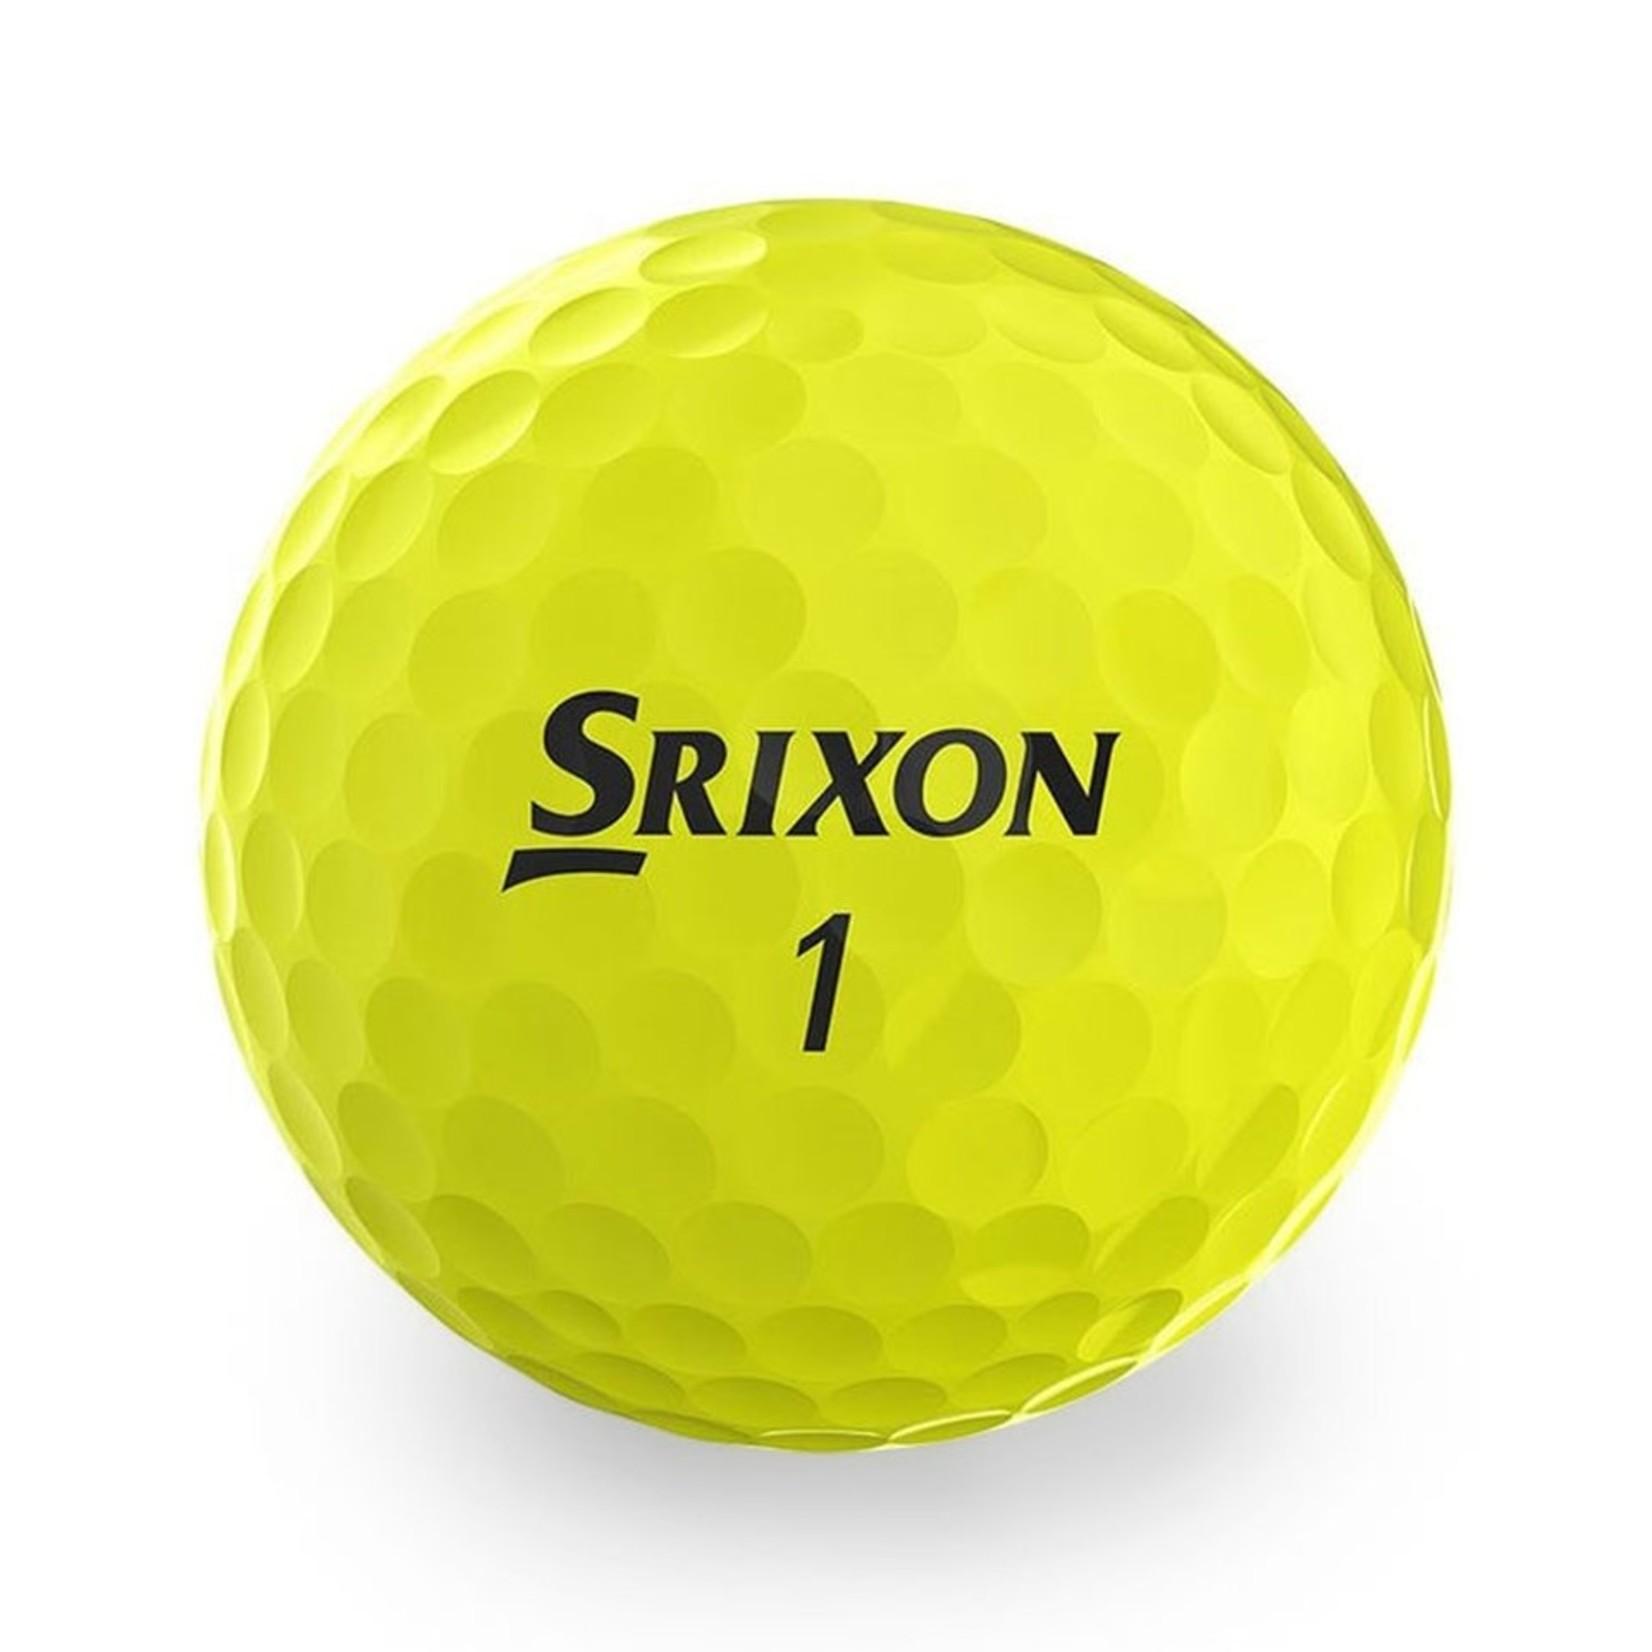 Srixon Srixon Q-Star 5 TYL Dozen